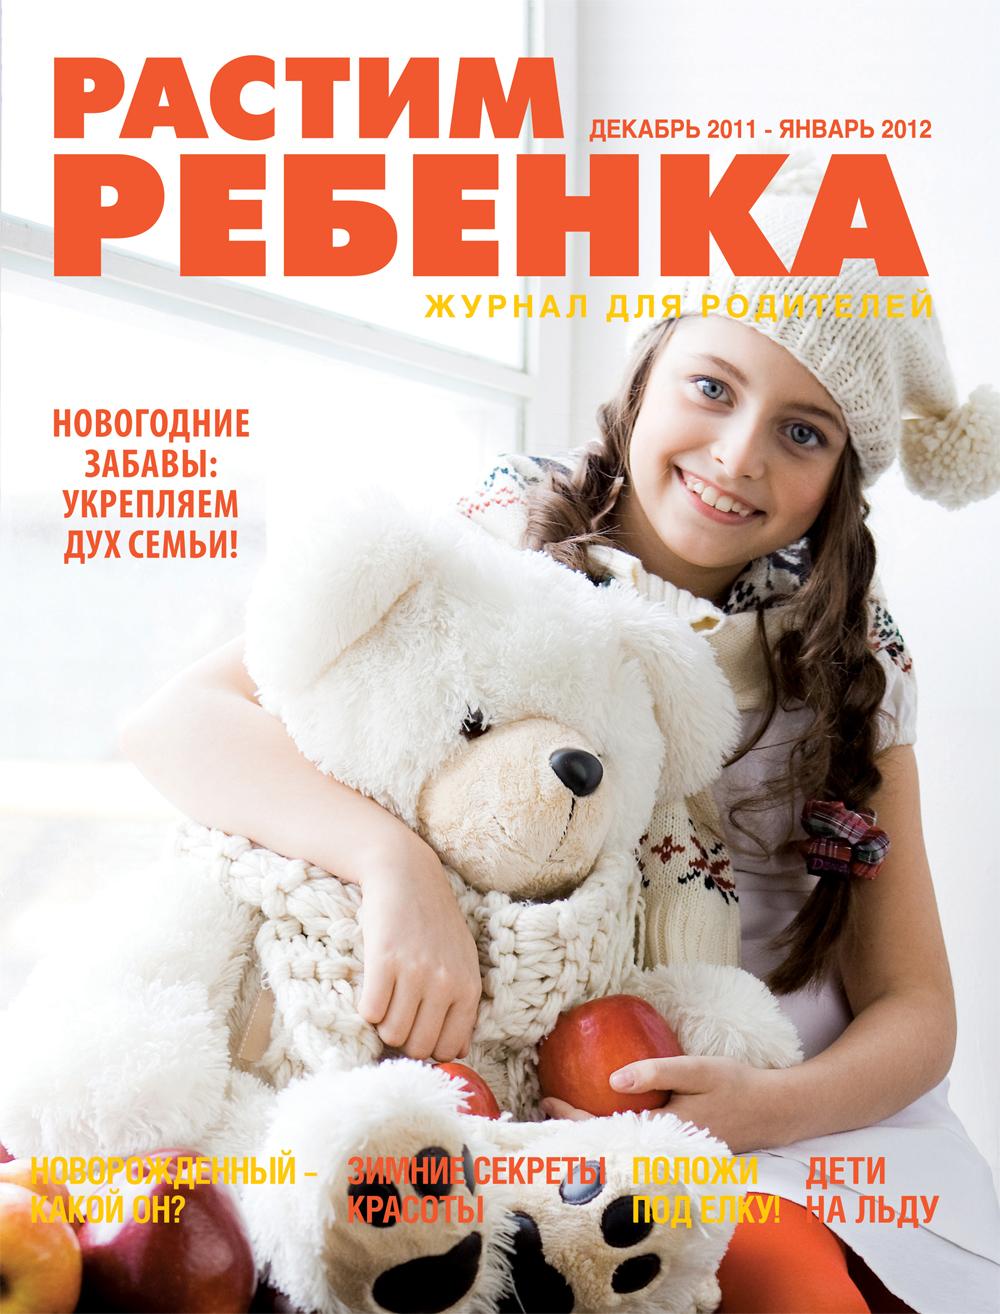 Журнал 'Растим ребенка'. Конкурс 'Лучшая новогодняя обложка 2012'